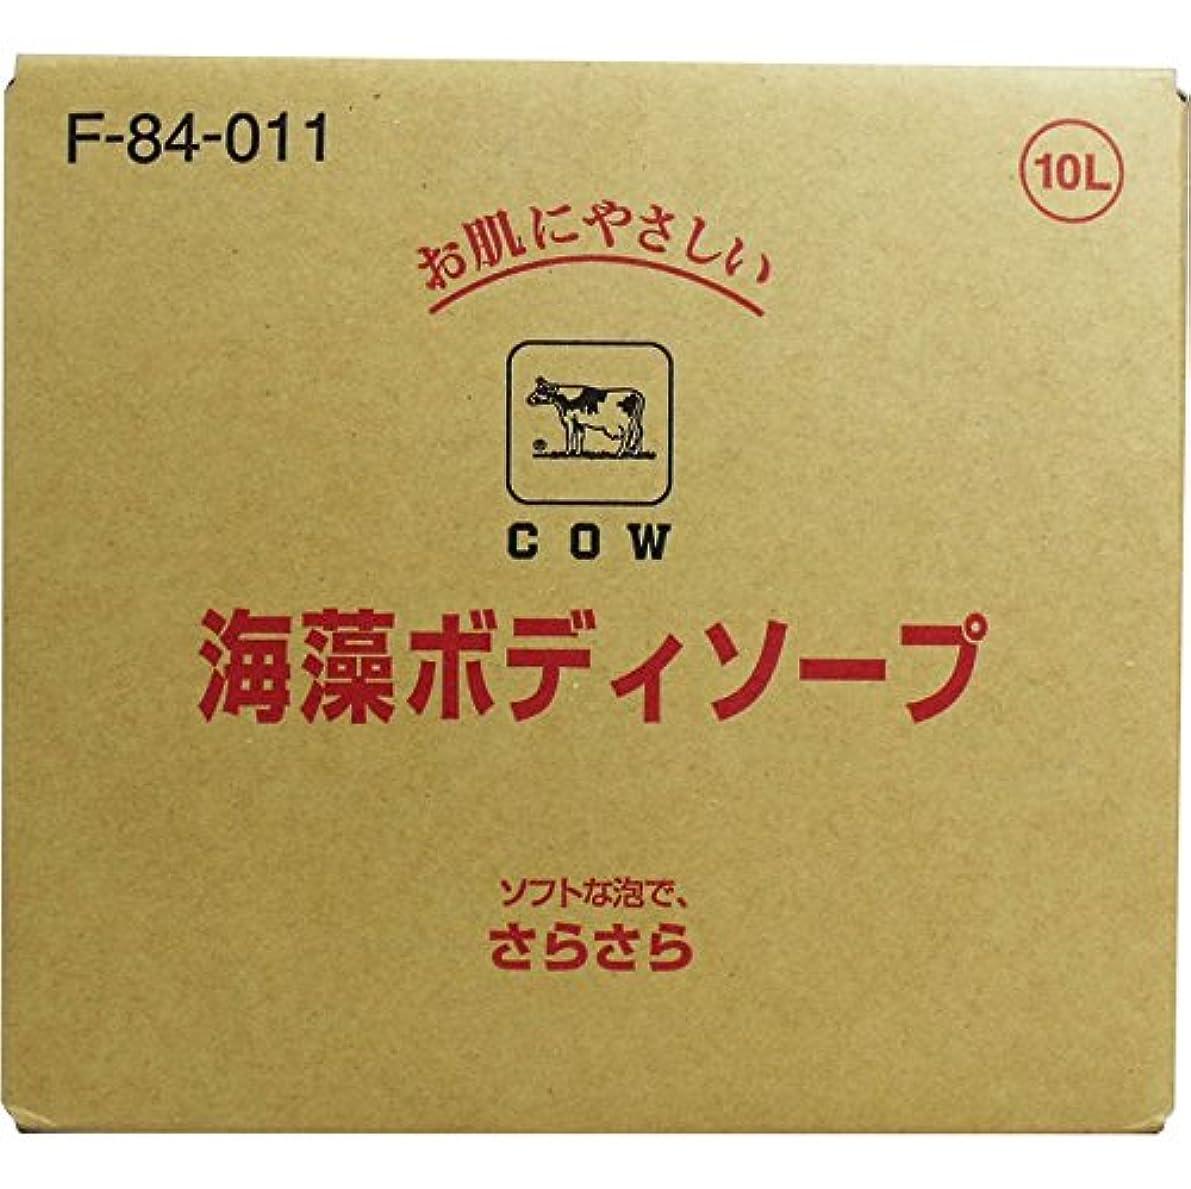 フロンティア餌休暇ボディ 石けん詰め替え さらさらした洗い心地 便利商品 牛乳ブランド 海藻ボディソープ 業務用 10L